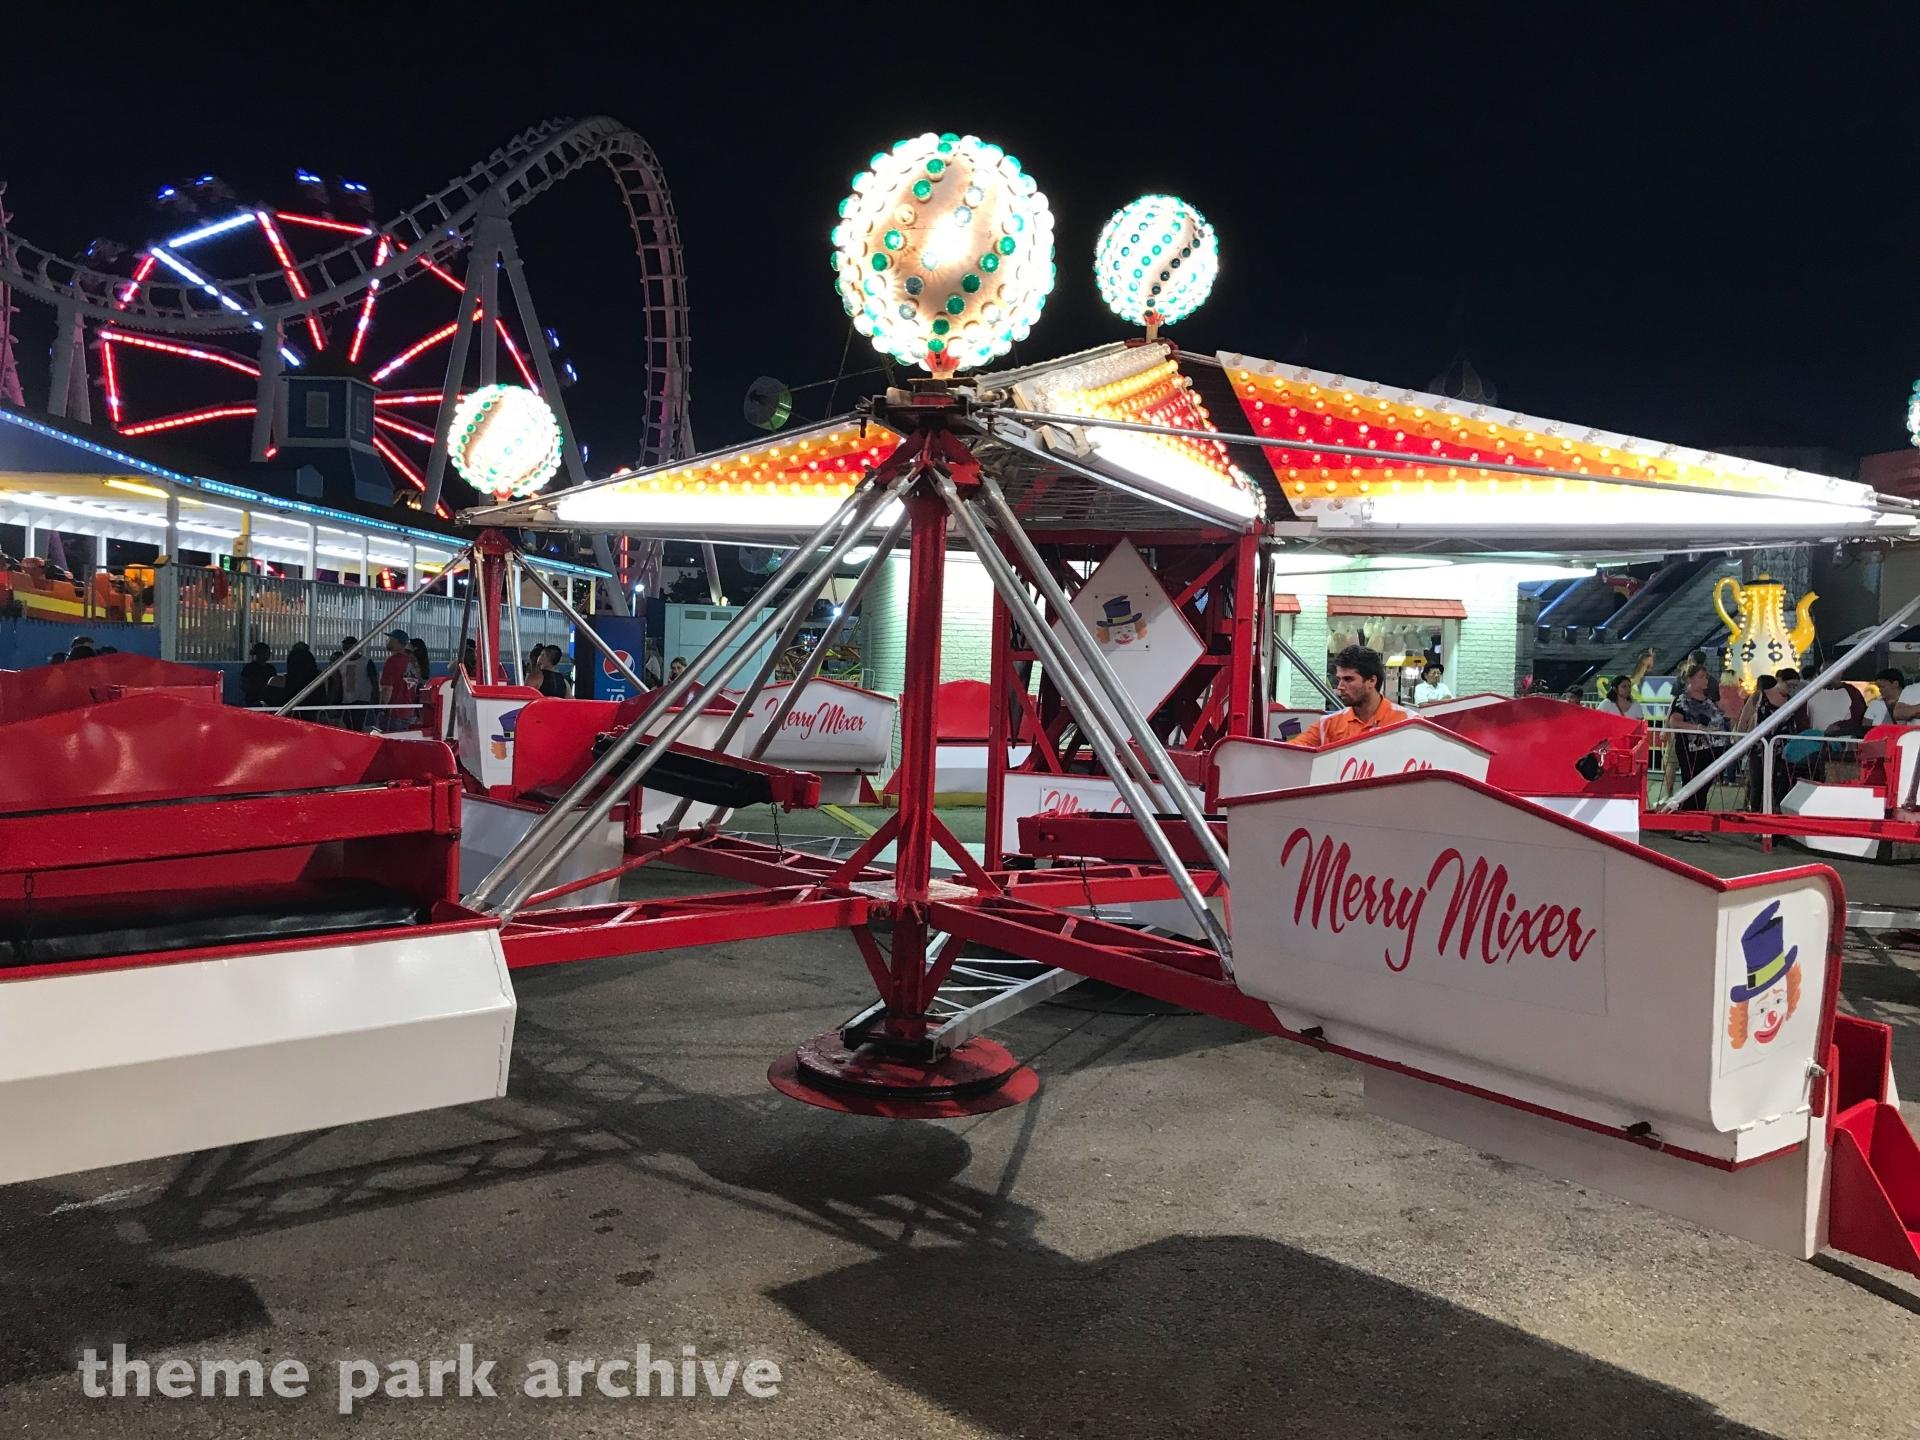 Merry Mixer at Trimper's Rides